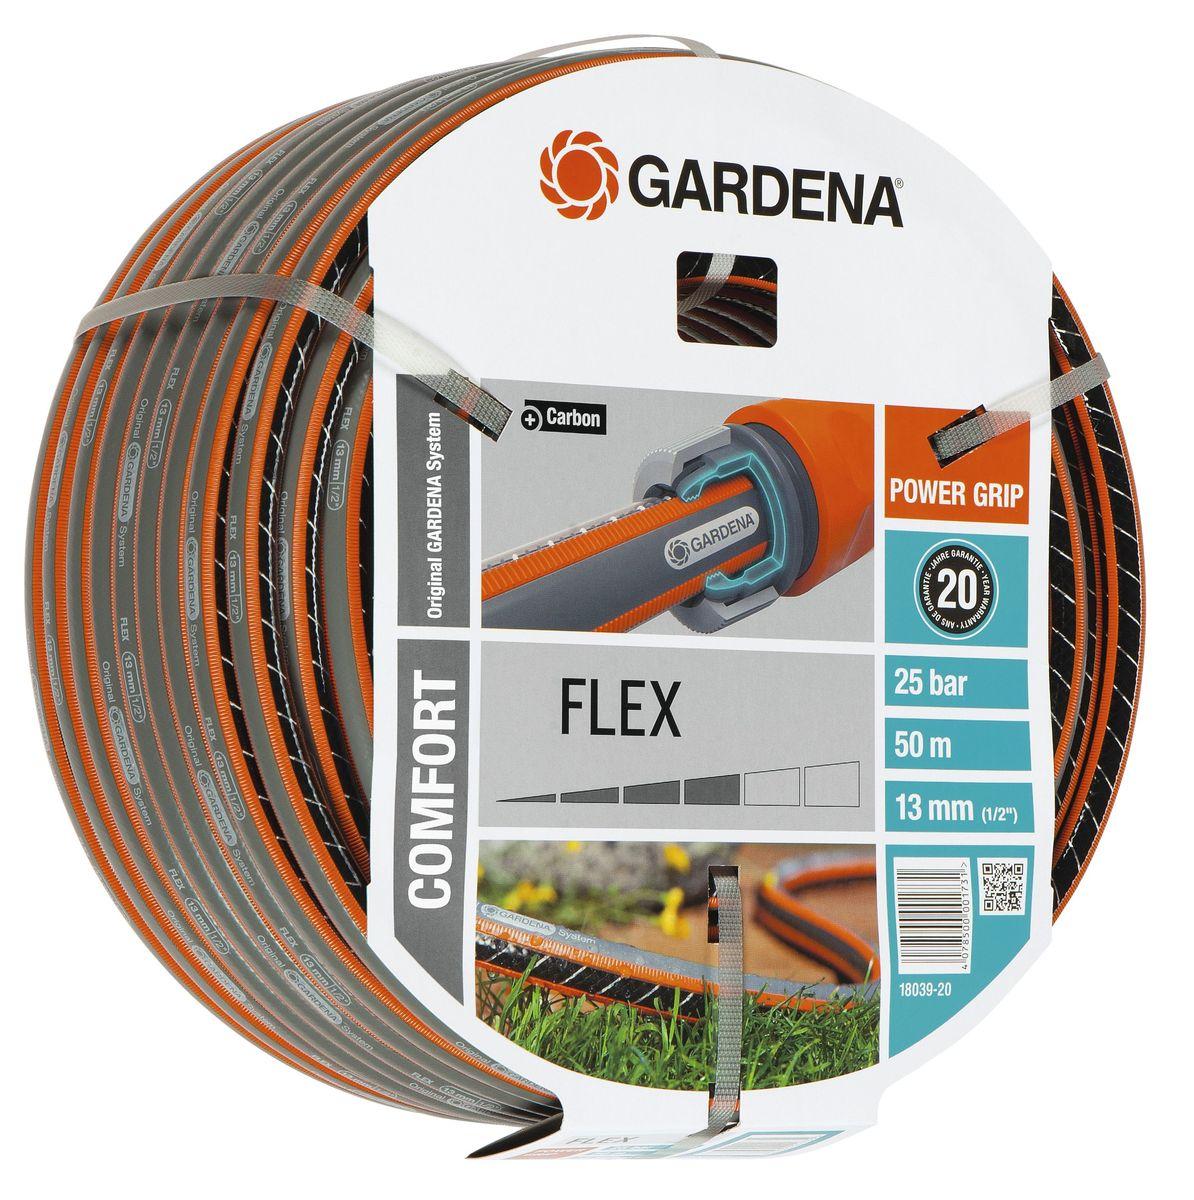 Шланг Gardena Flex, диаметр 1/2, длина 50 м96281496Шланг Gardena Flex с ребристым профилем Power Grip подходит для идеального соединения с коннекторами базовой системы полива. Устойчив к высокому давлению и сохраняет формы благодаря спиралевидному текстильному армированию, усиленному углеродом.Не перегибается, не спутывается.